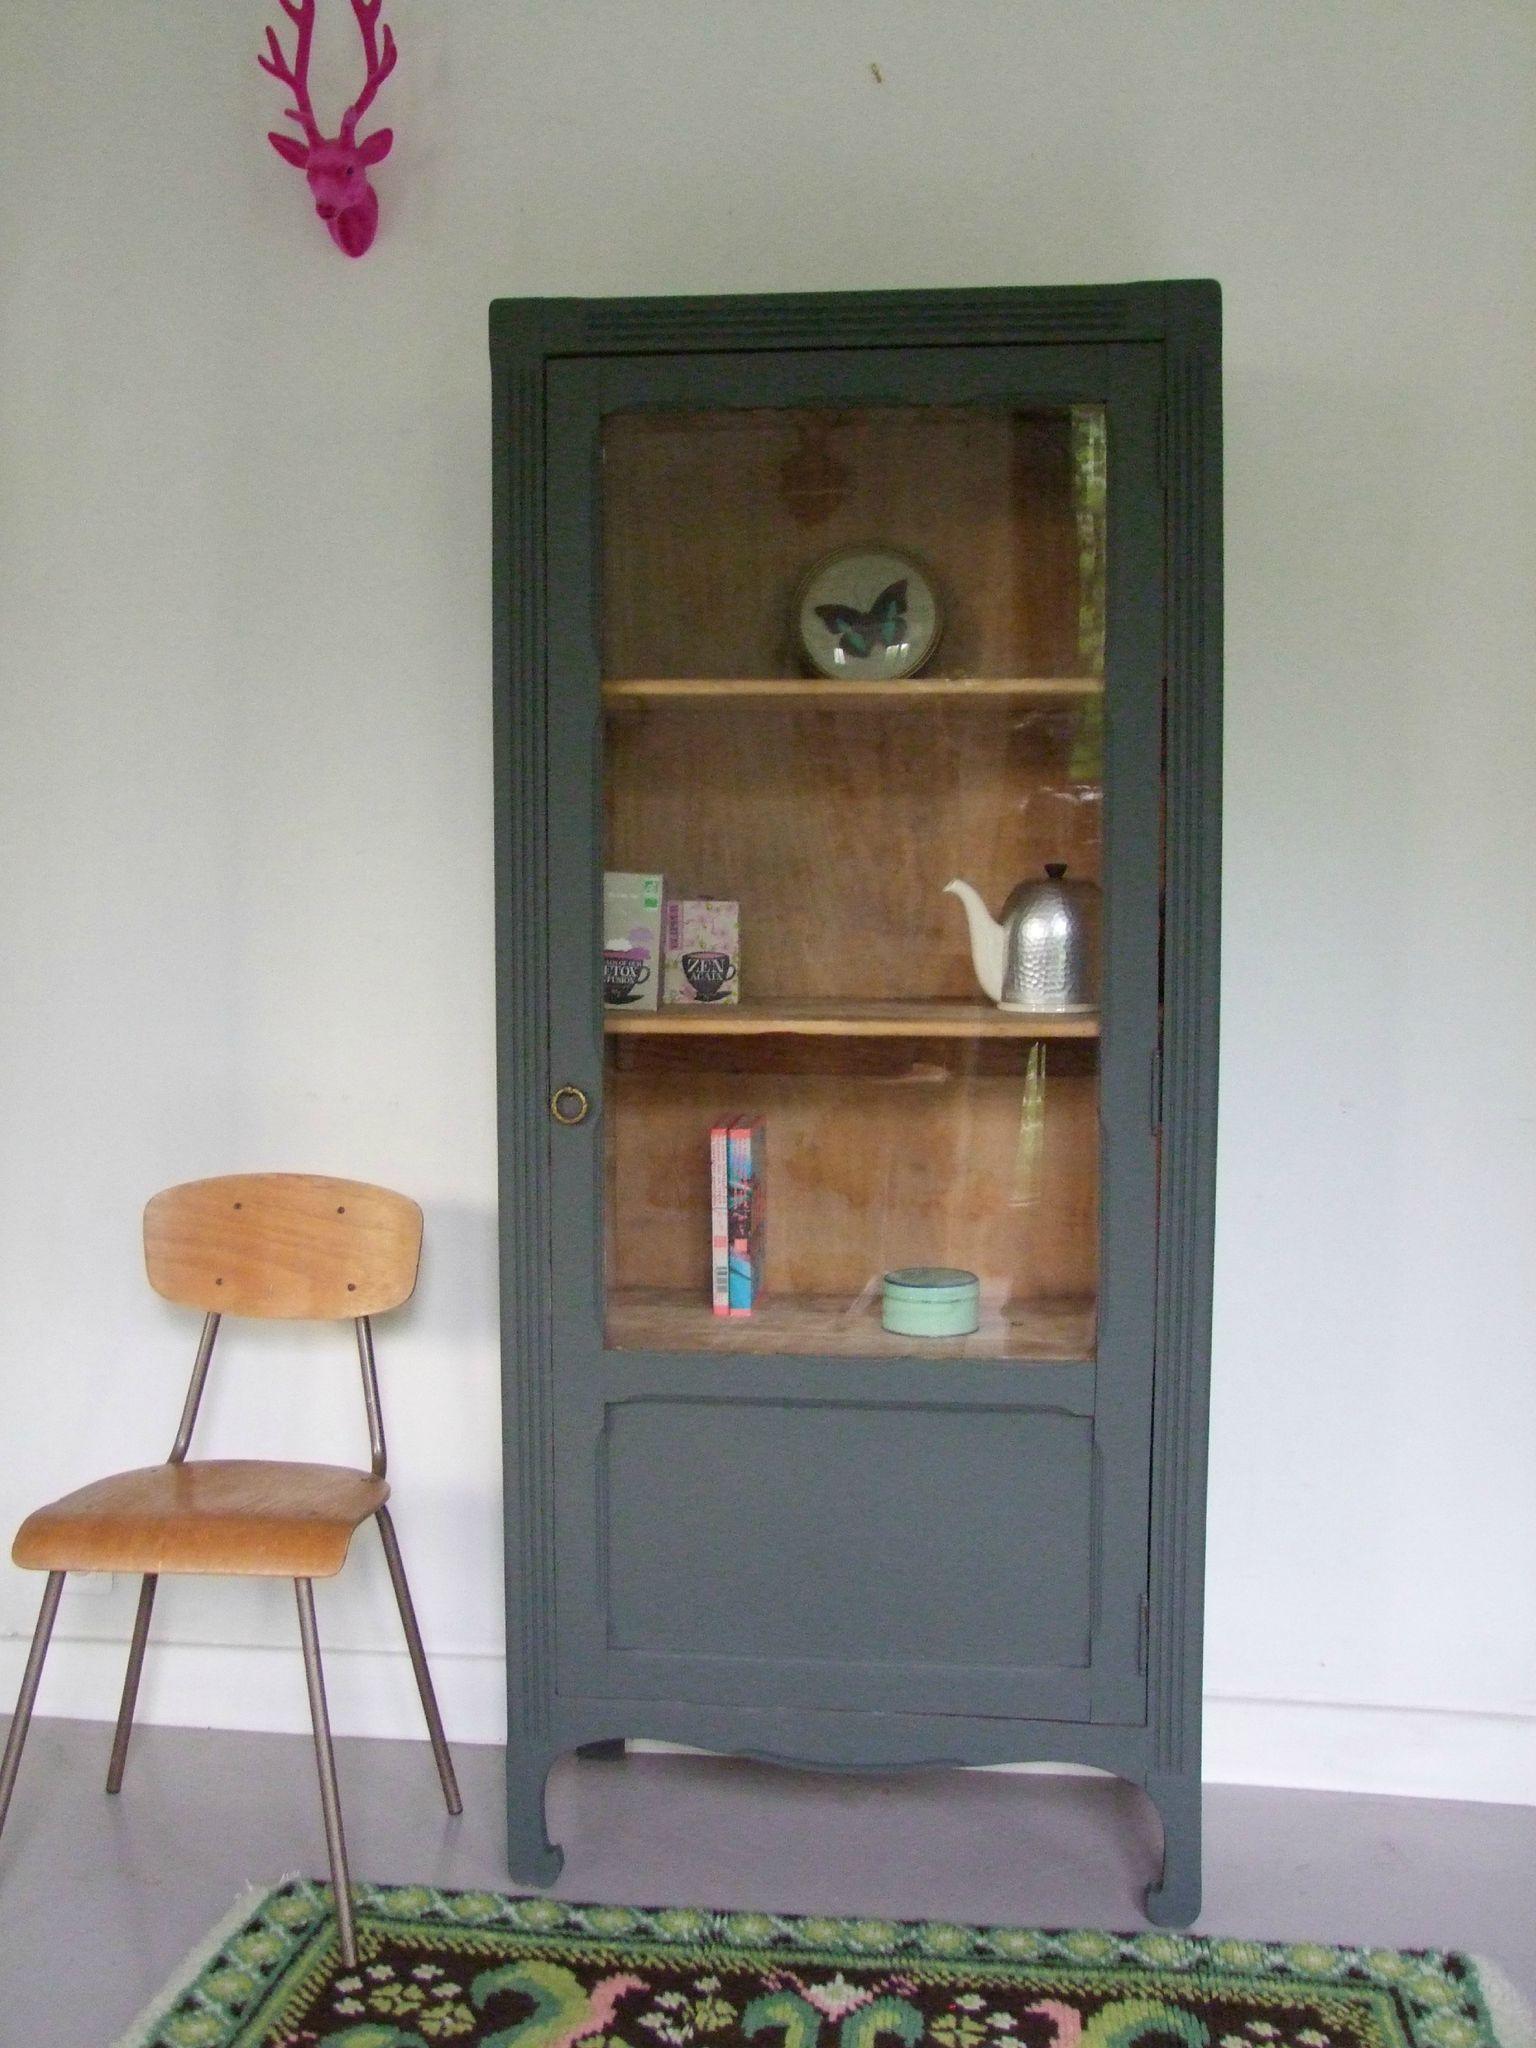 Armoire vintage niels meubles vintage pataluna chin s d nich s et d lur s pataluna vitrinas - Meubles chines ...